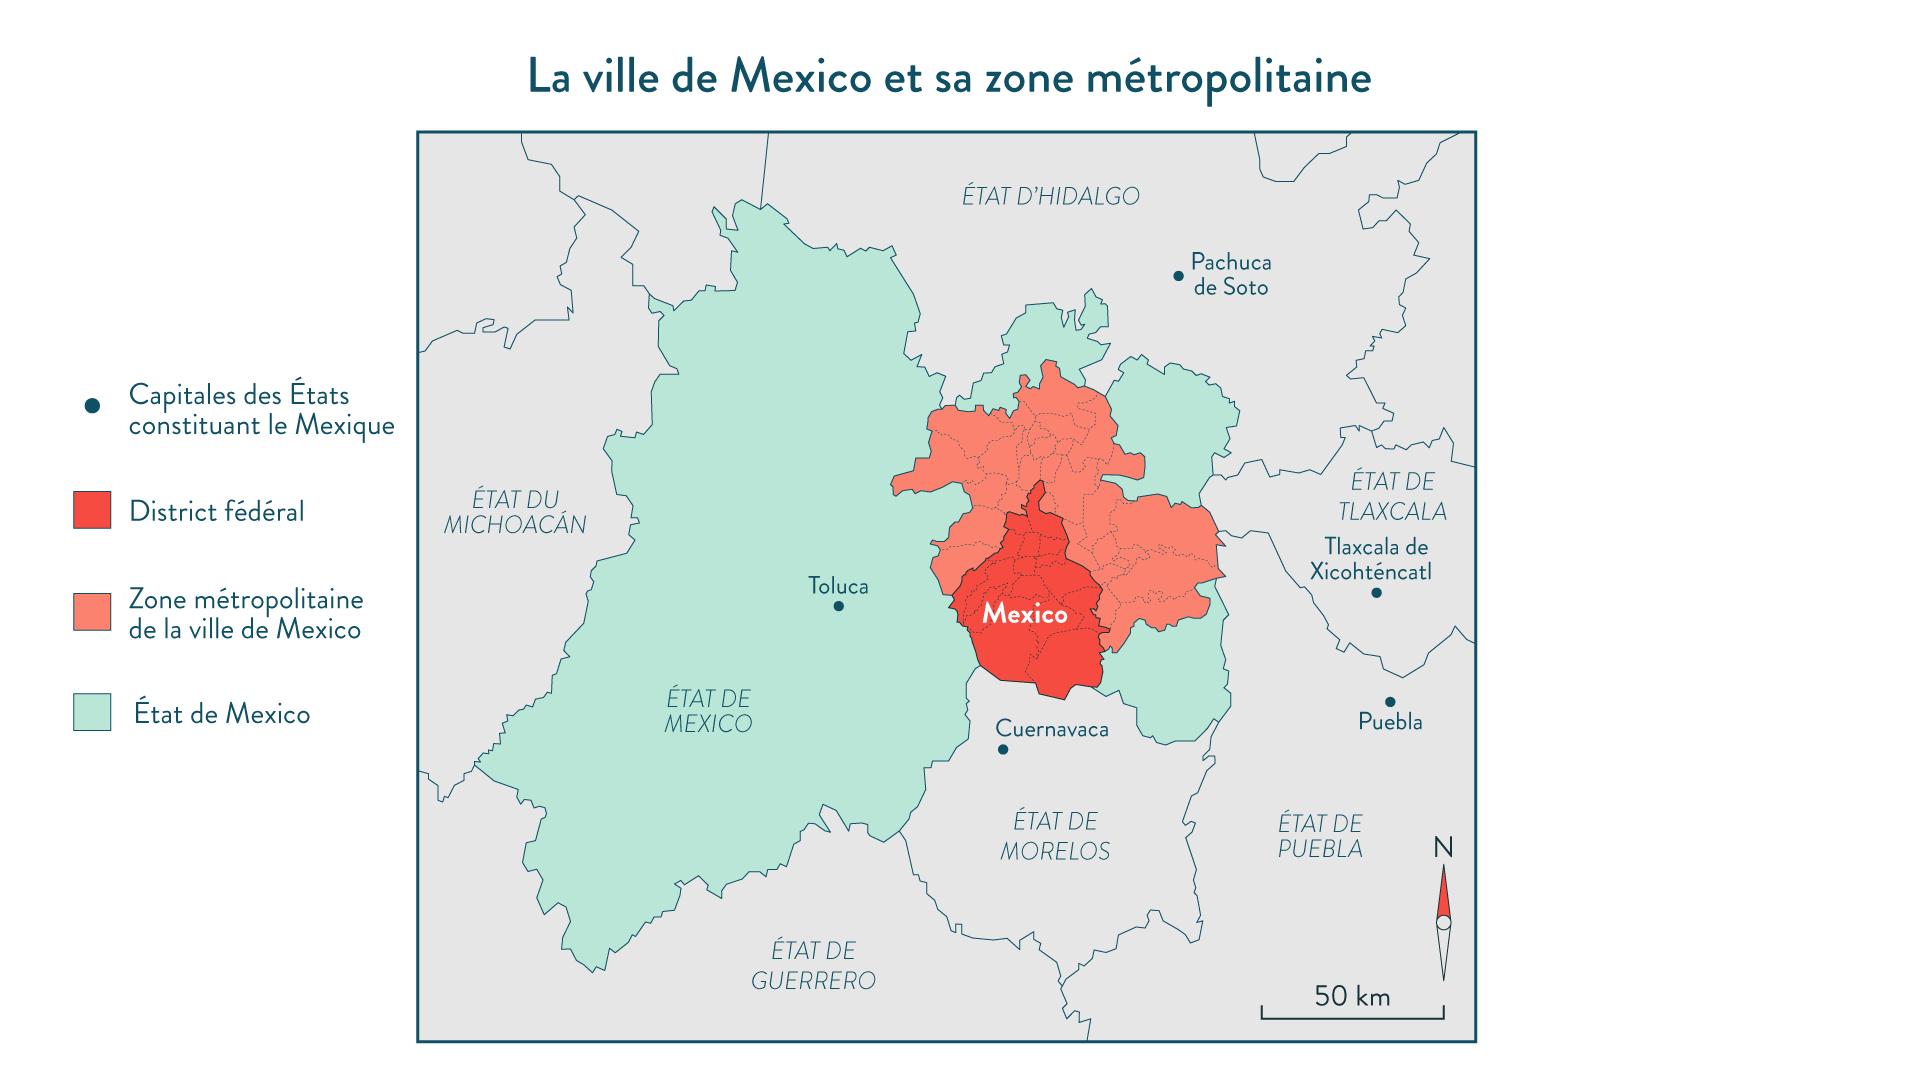 La ville de Mexico et sa zone métropolitaine